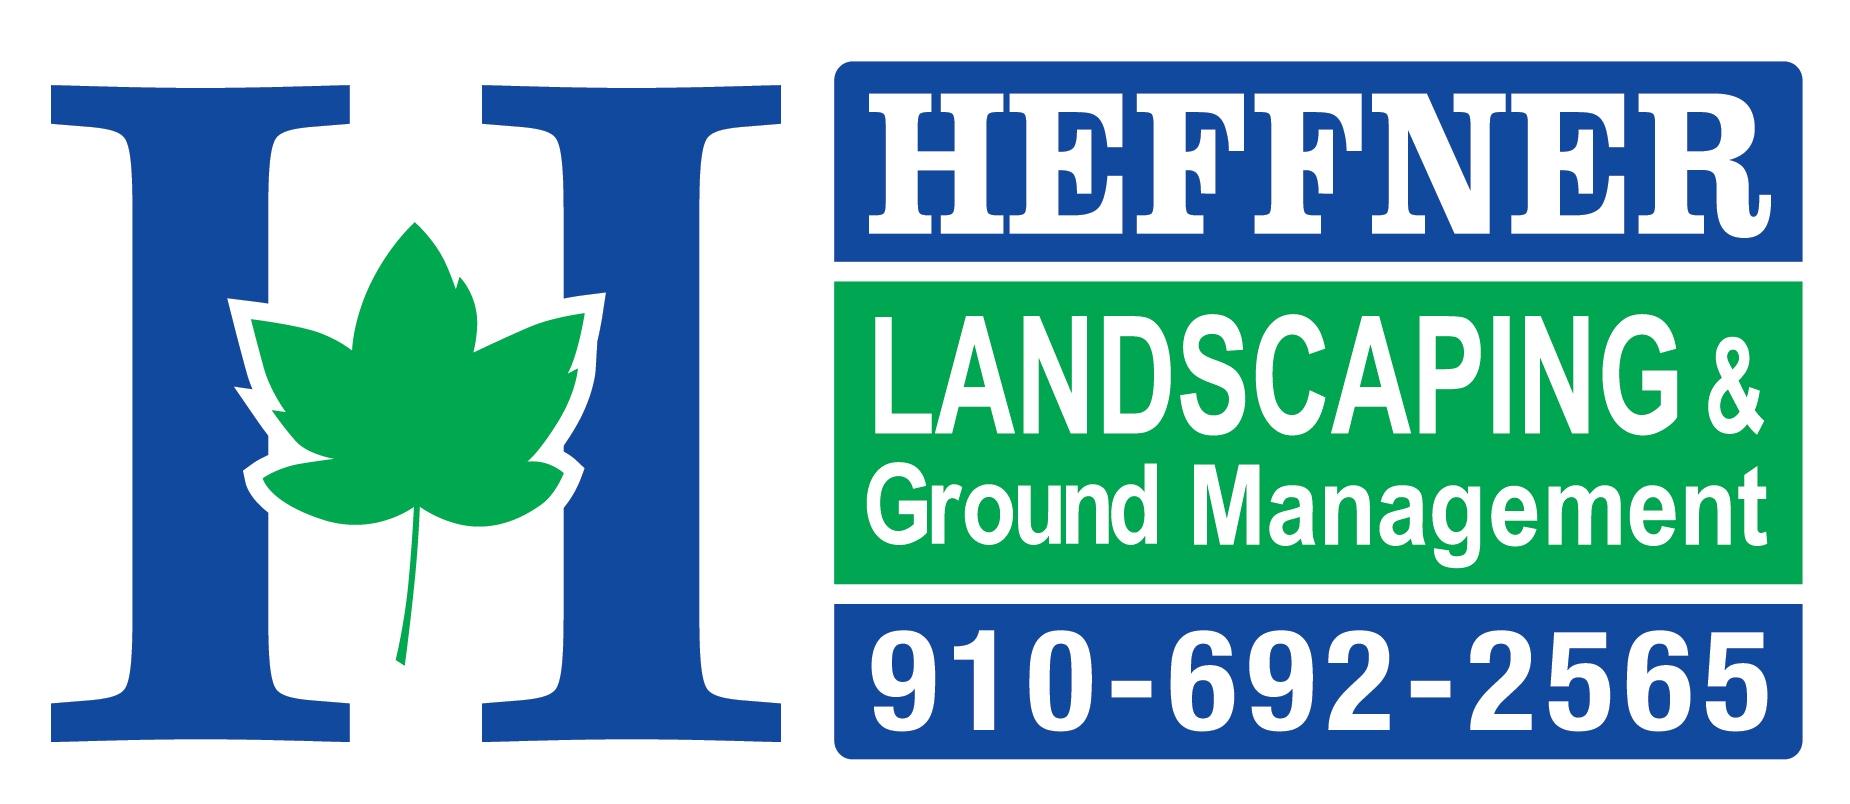 Heffner Landscaping logo